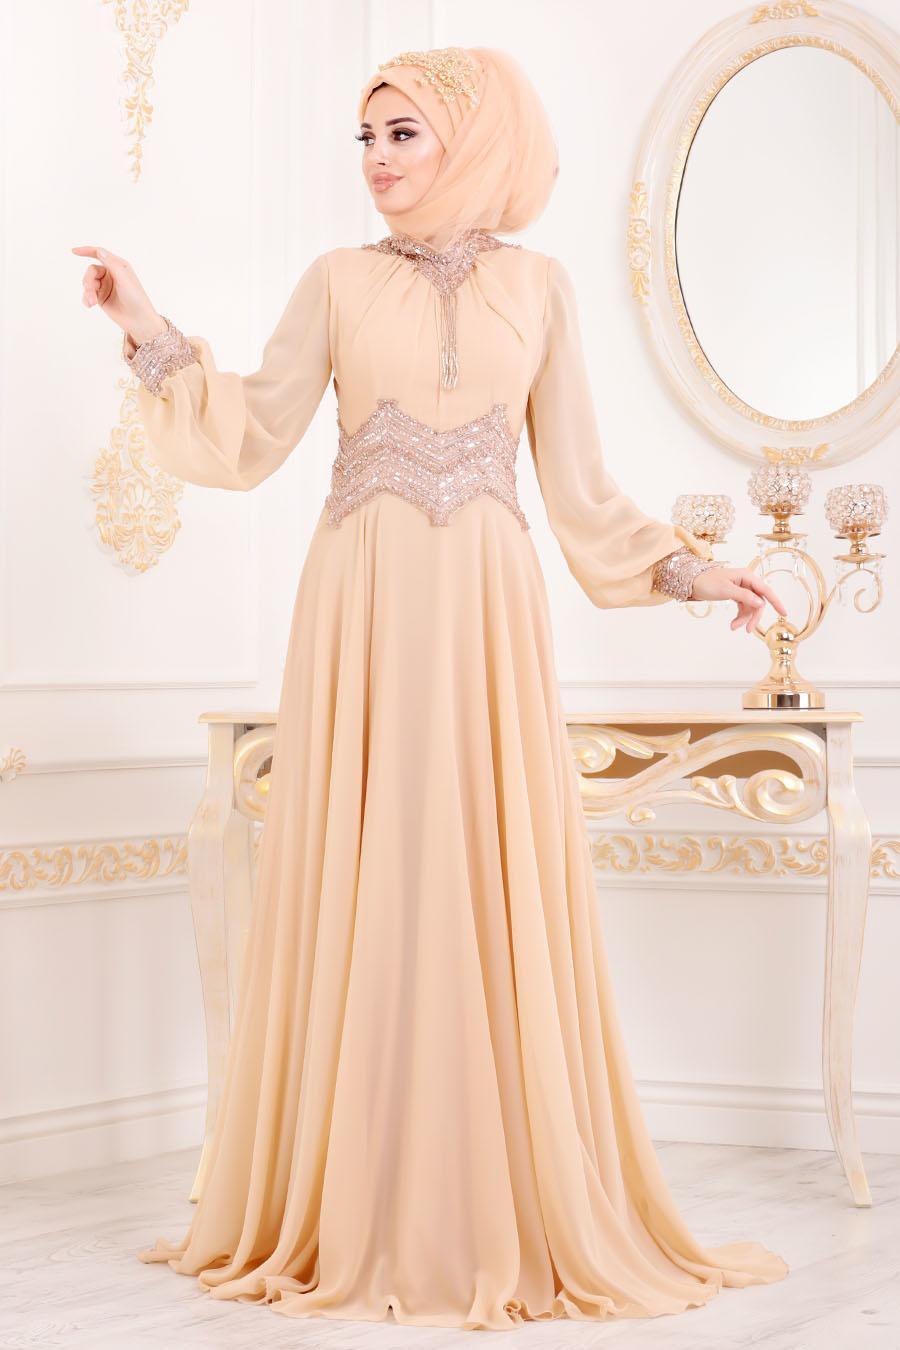 Tesettürlü Abiye Elbise - Taş Detaylı Koyu Somon Tesettür Abiye Elbise 4678KSMN